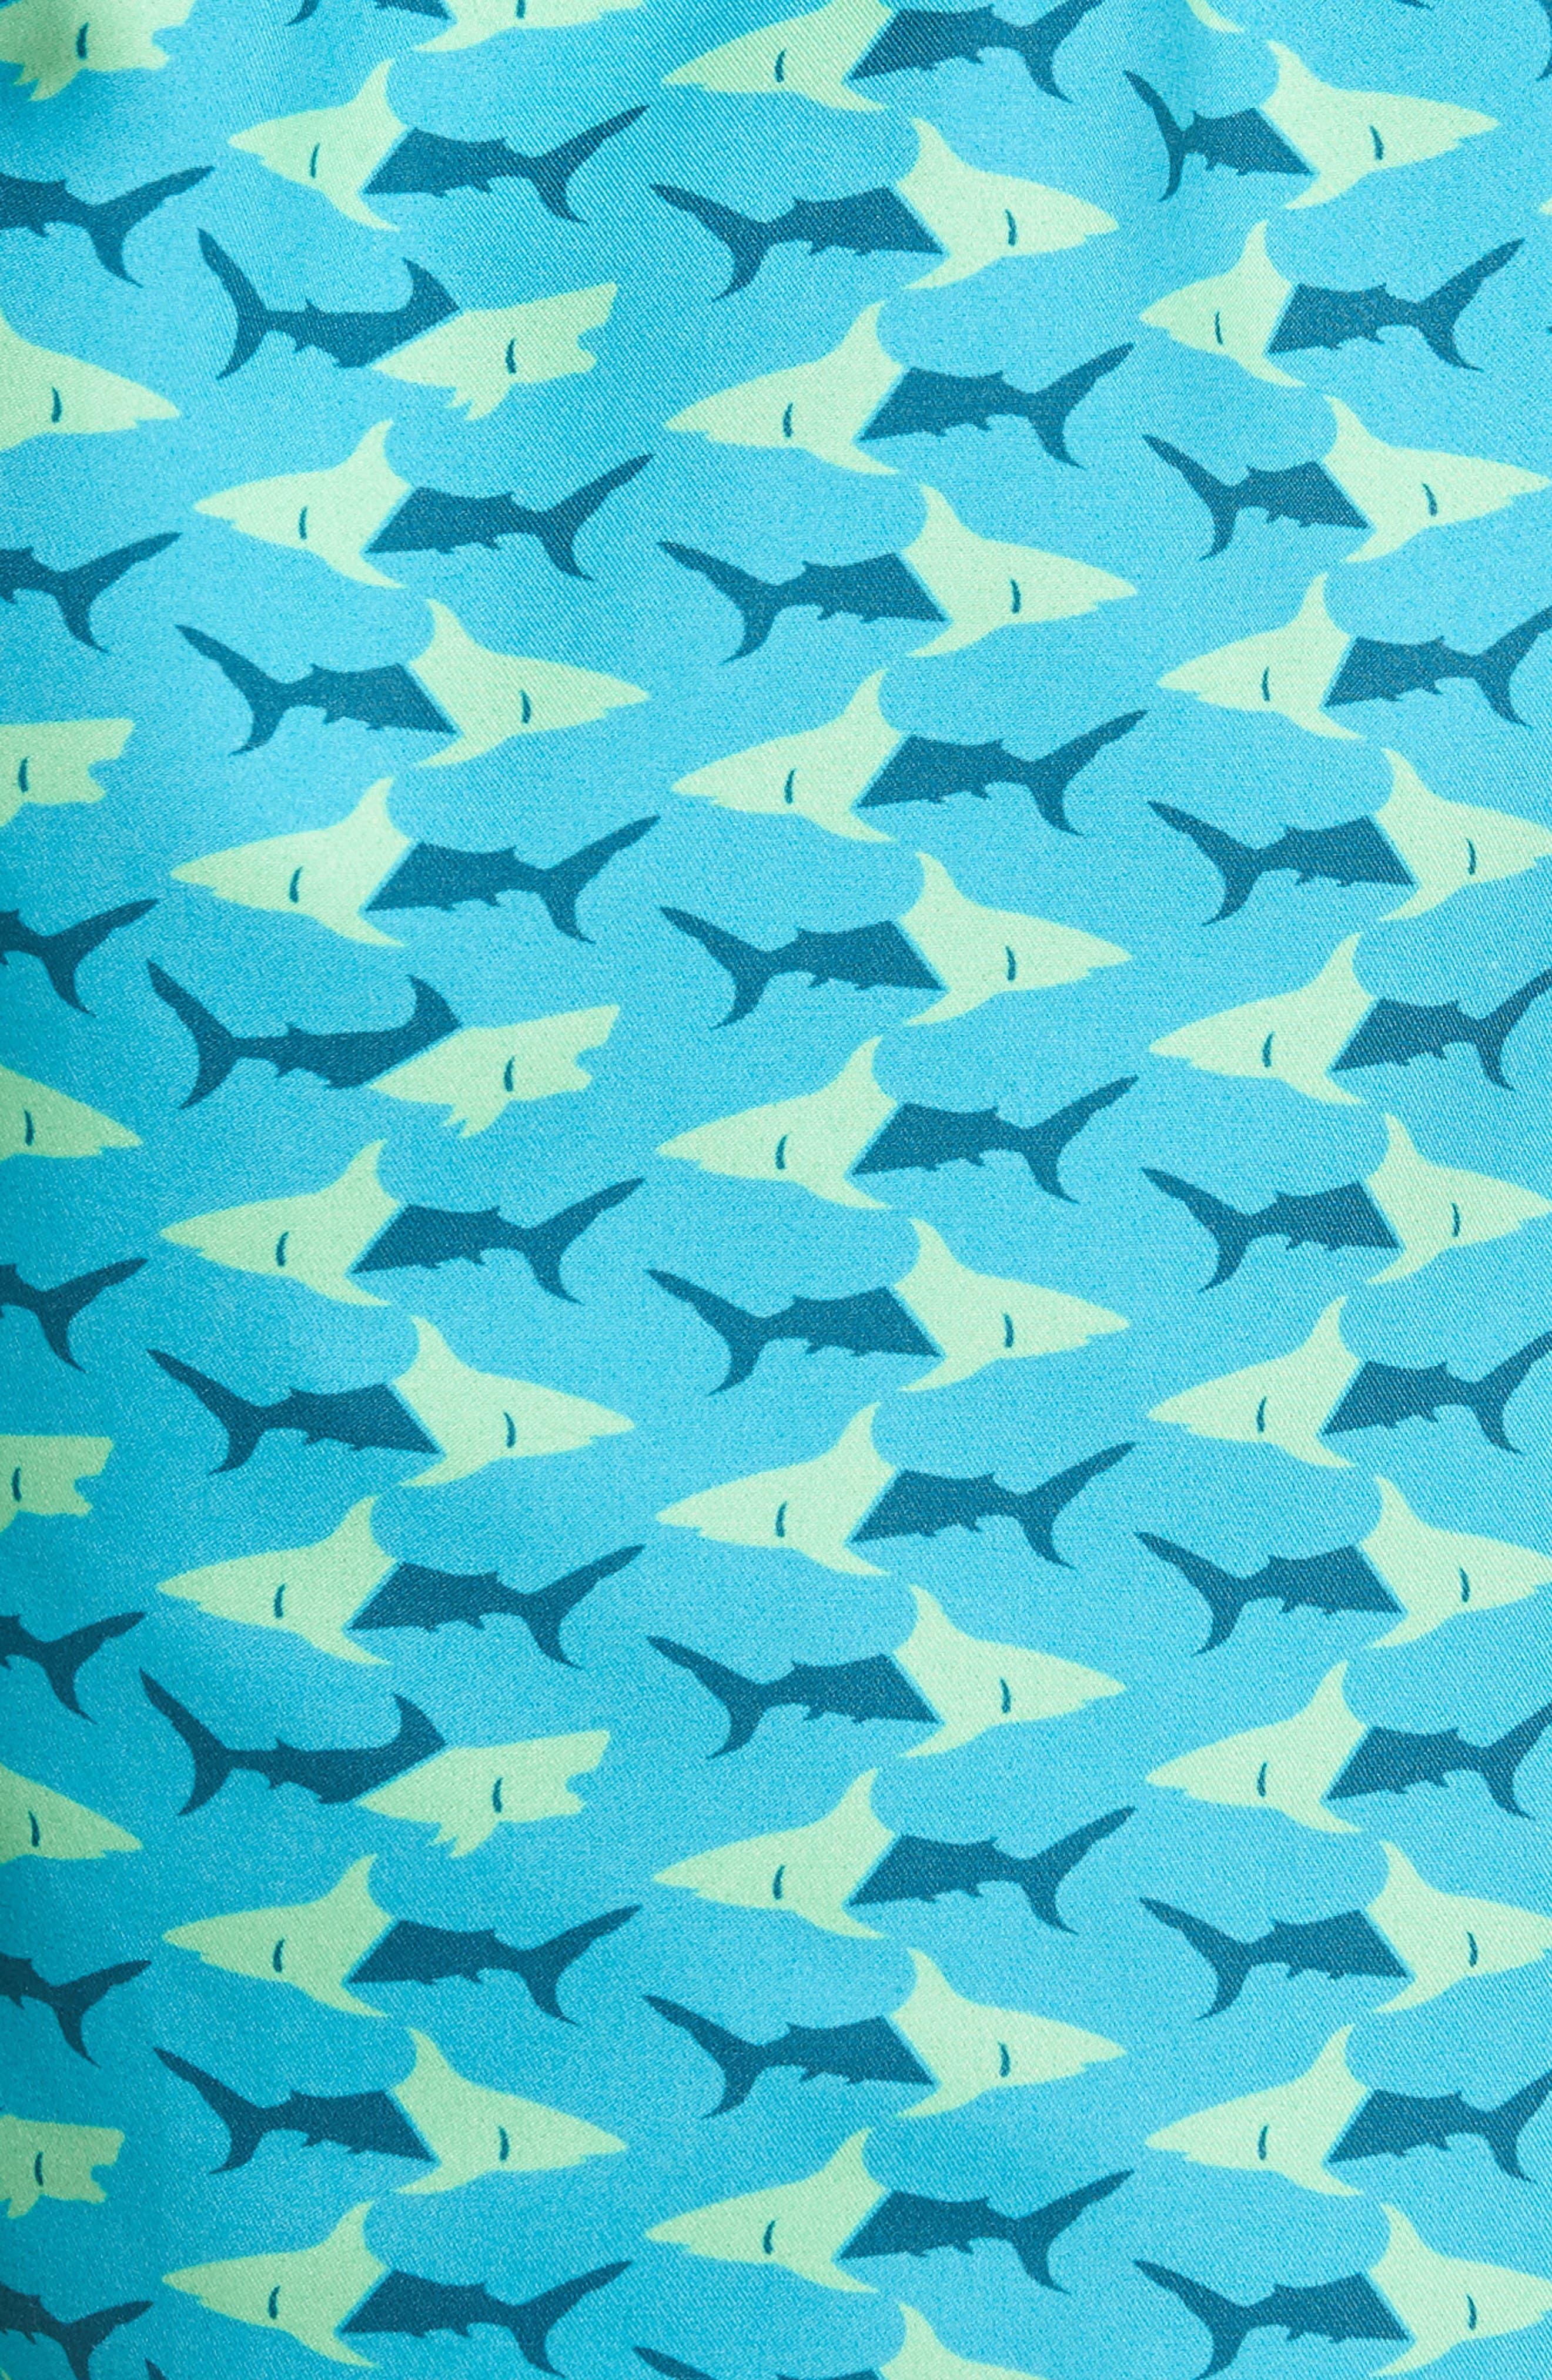 Piranha Shark Swim Trunks,                             Alternate thumbnail 5, color,                             Blue